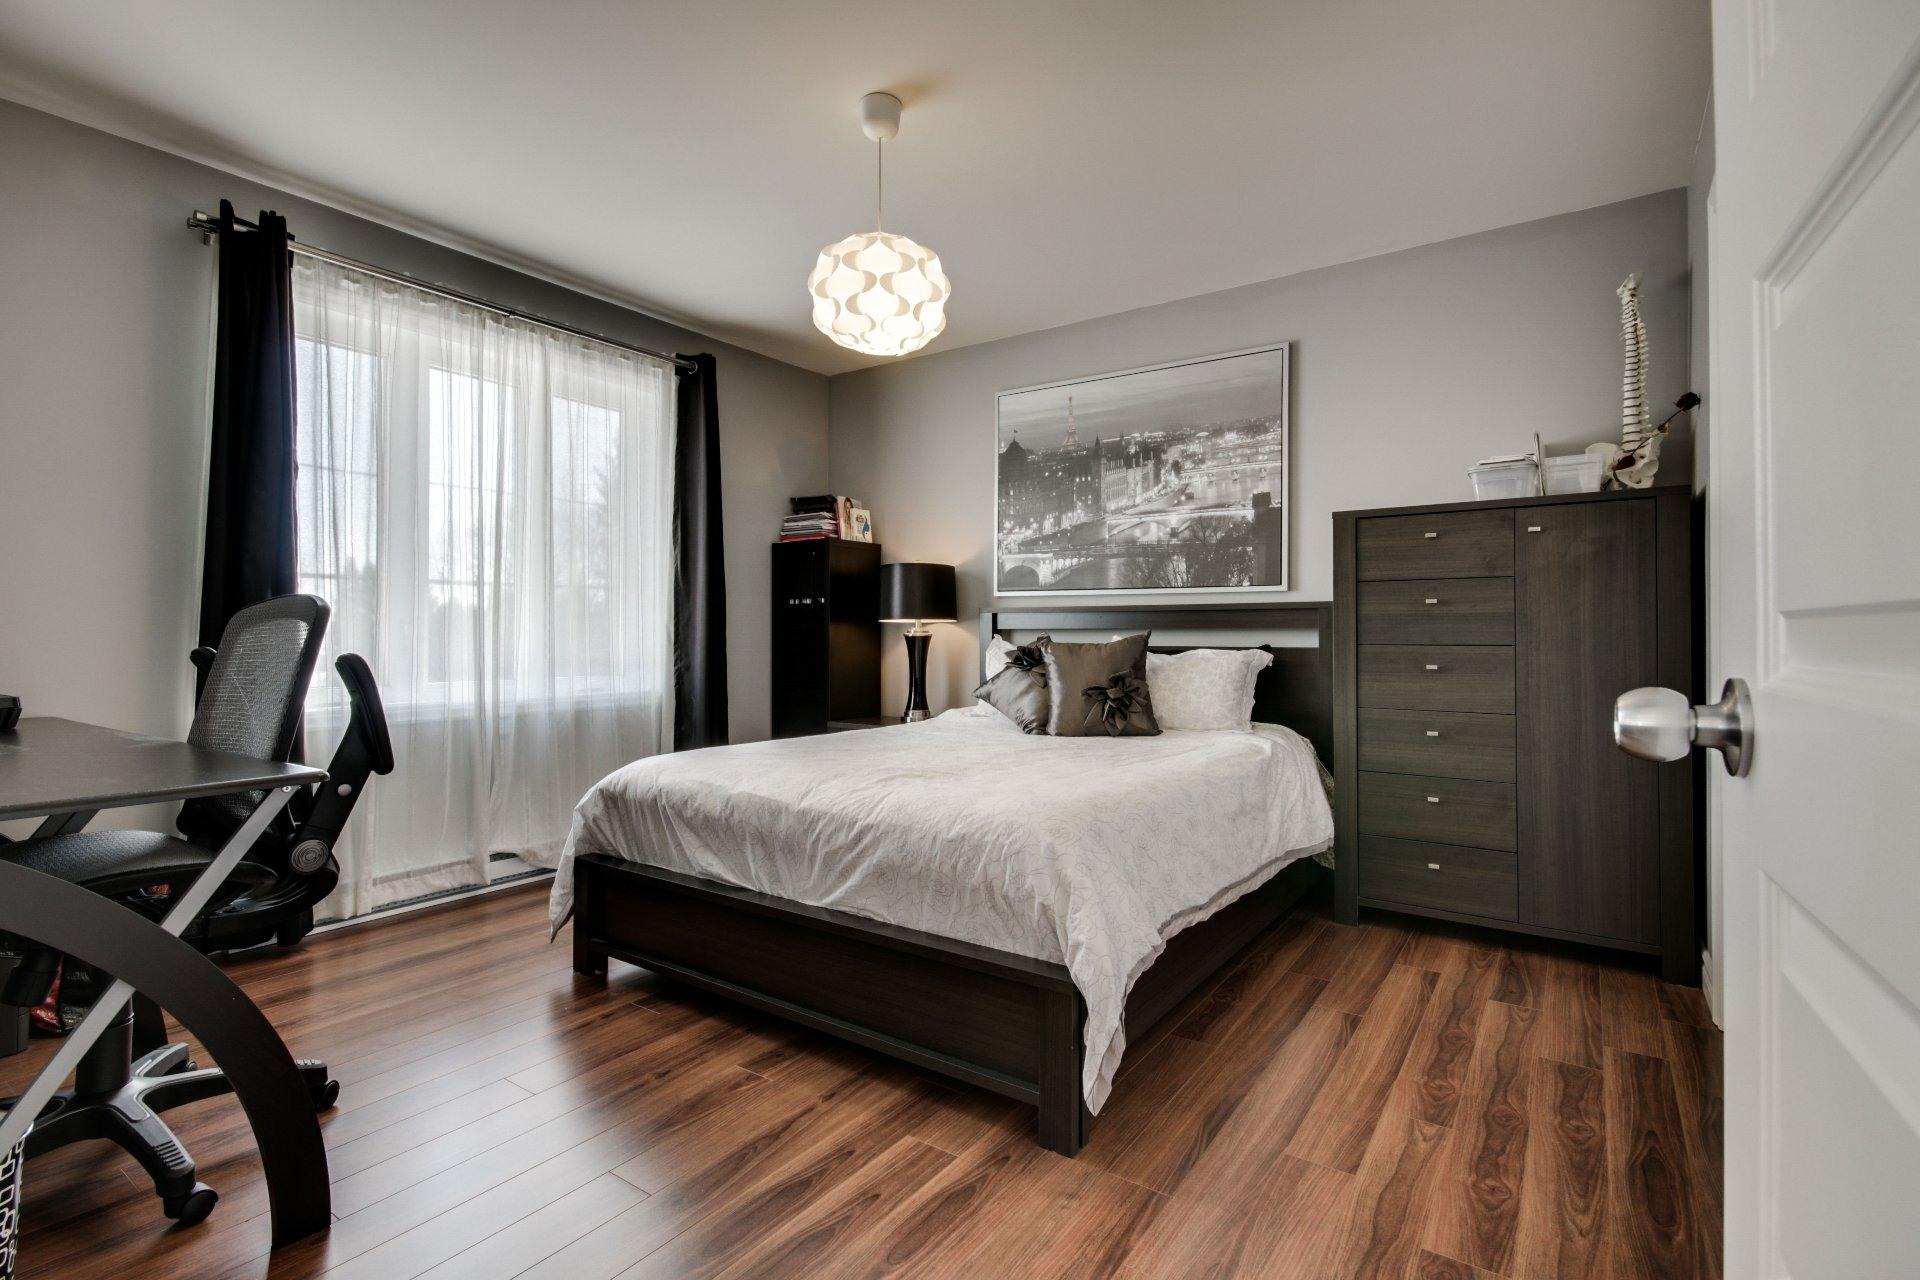 image 17 - Apartment For sale Trois-Rivières - 6 rooms